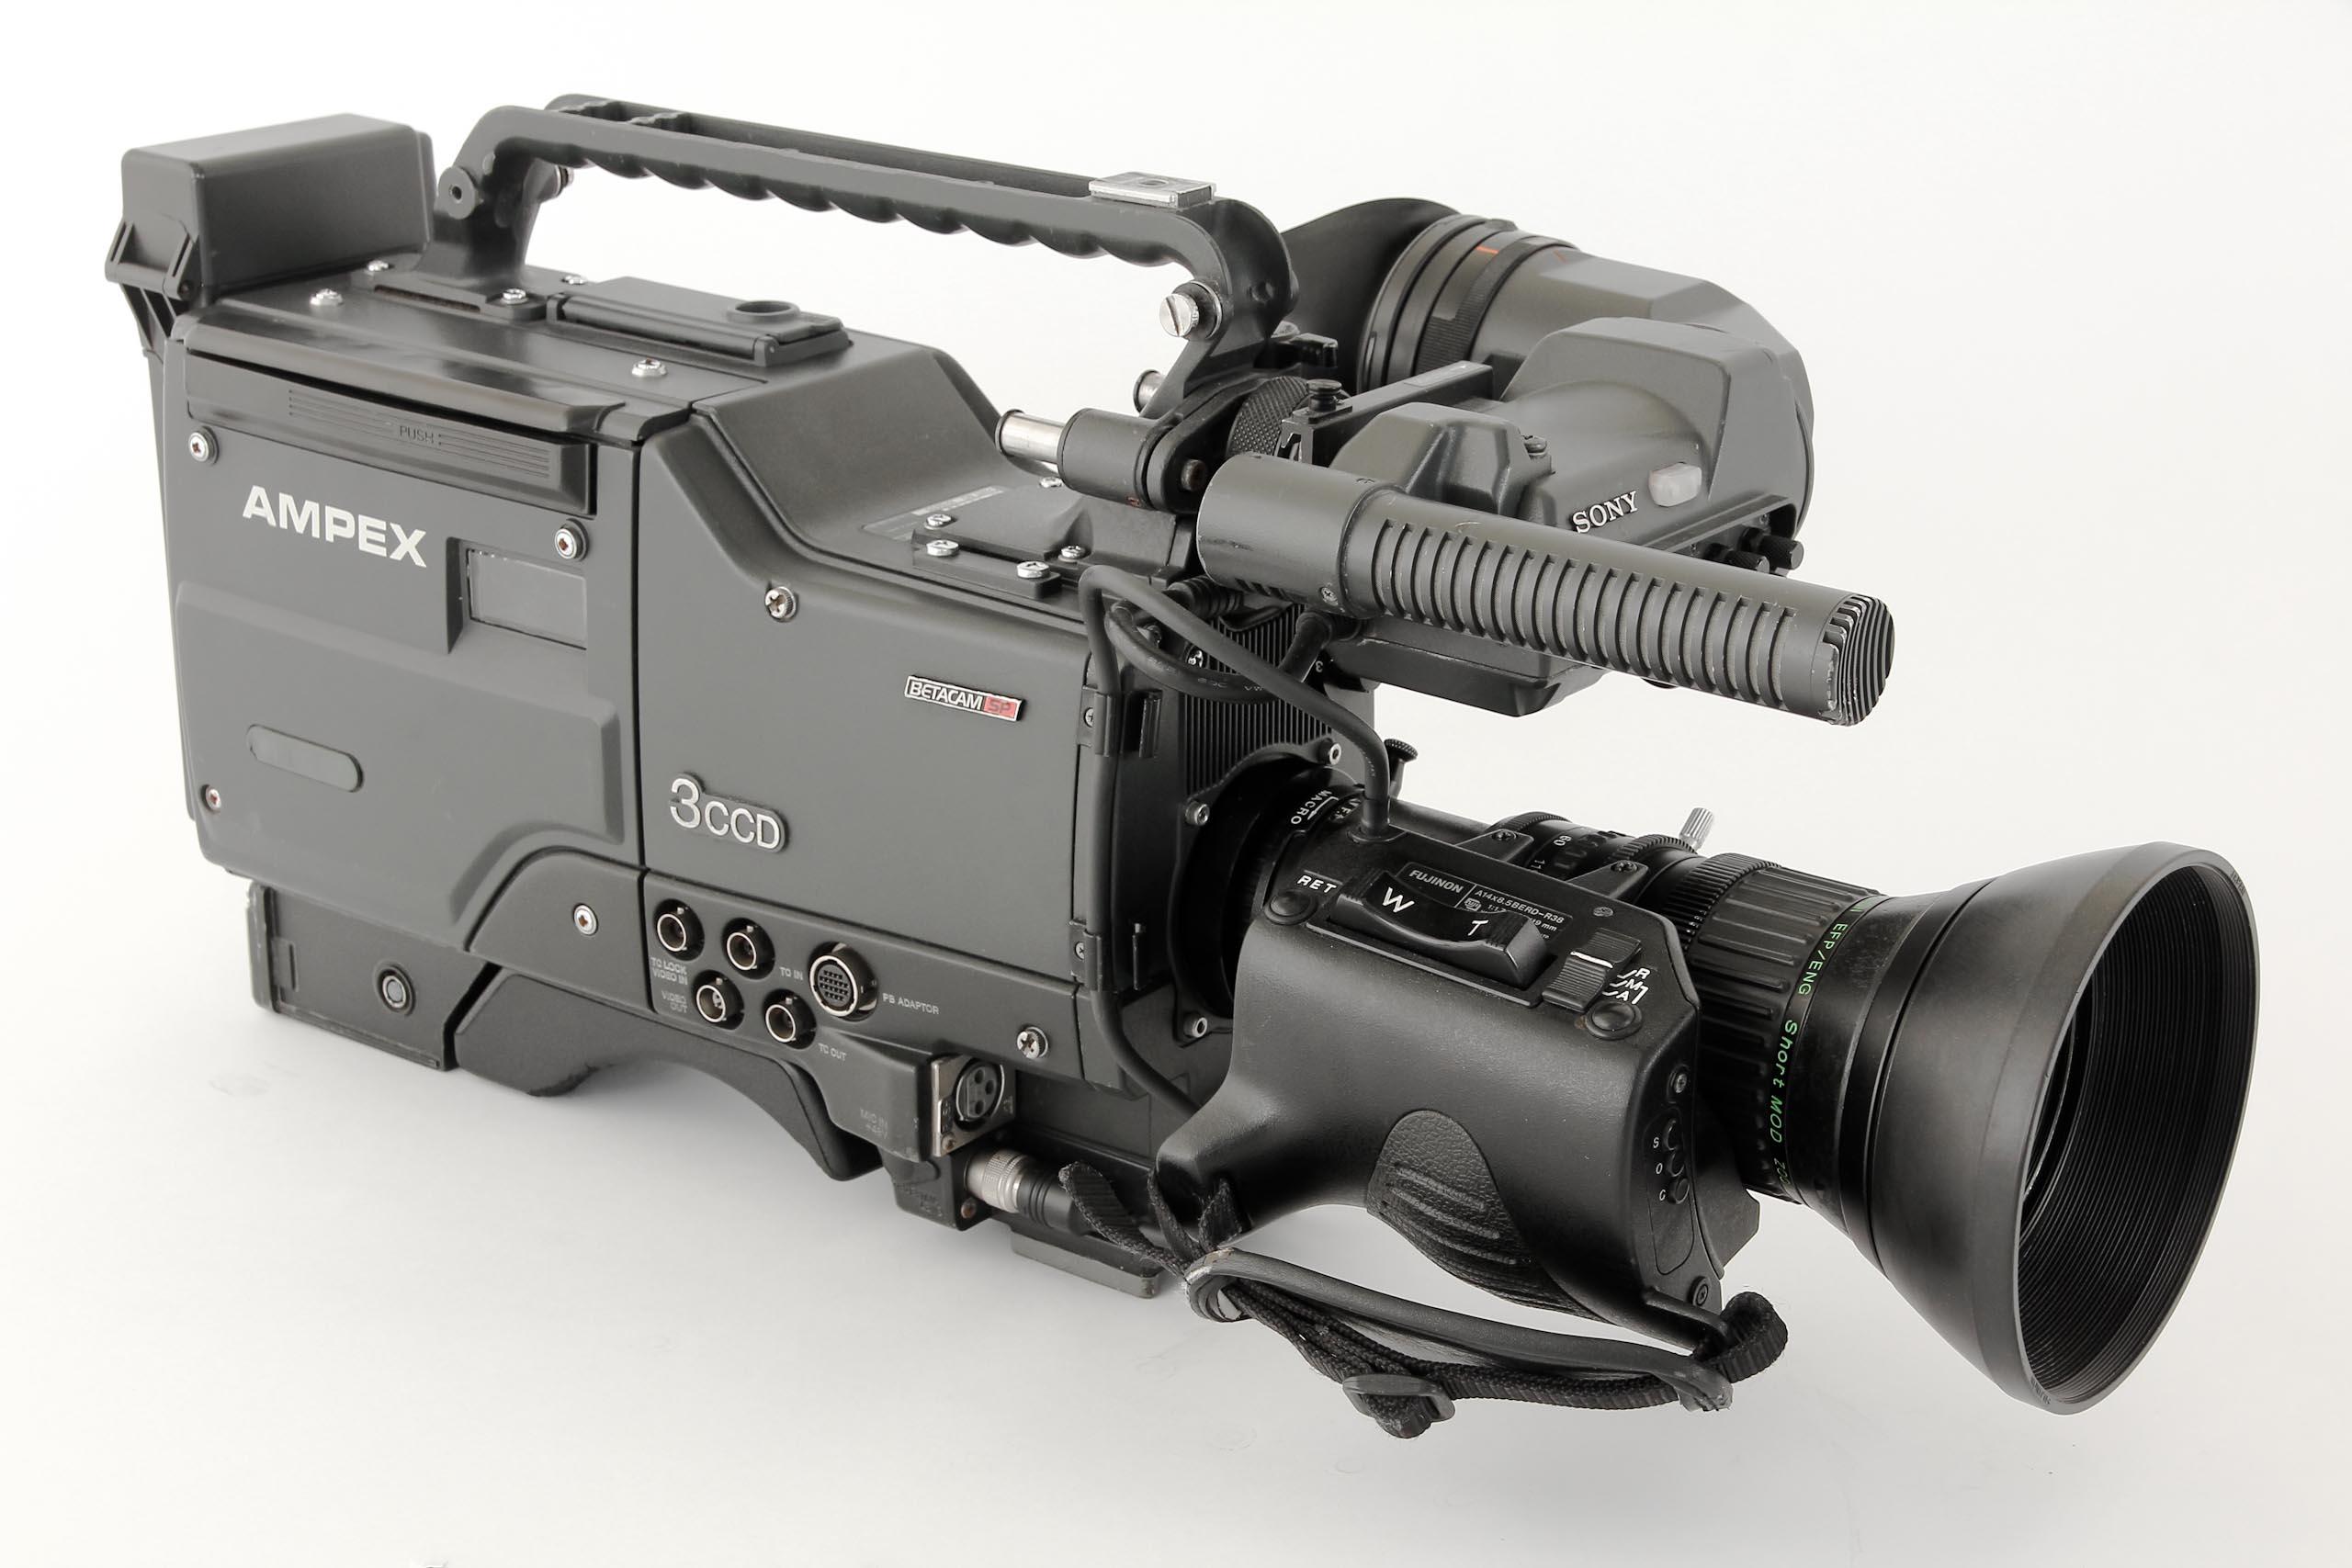 Ampex BVP-400P - 2